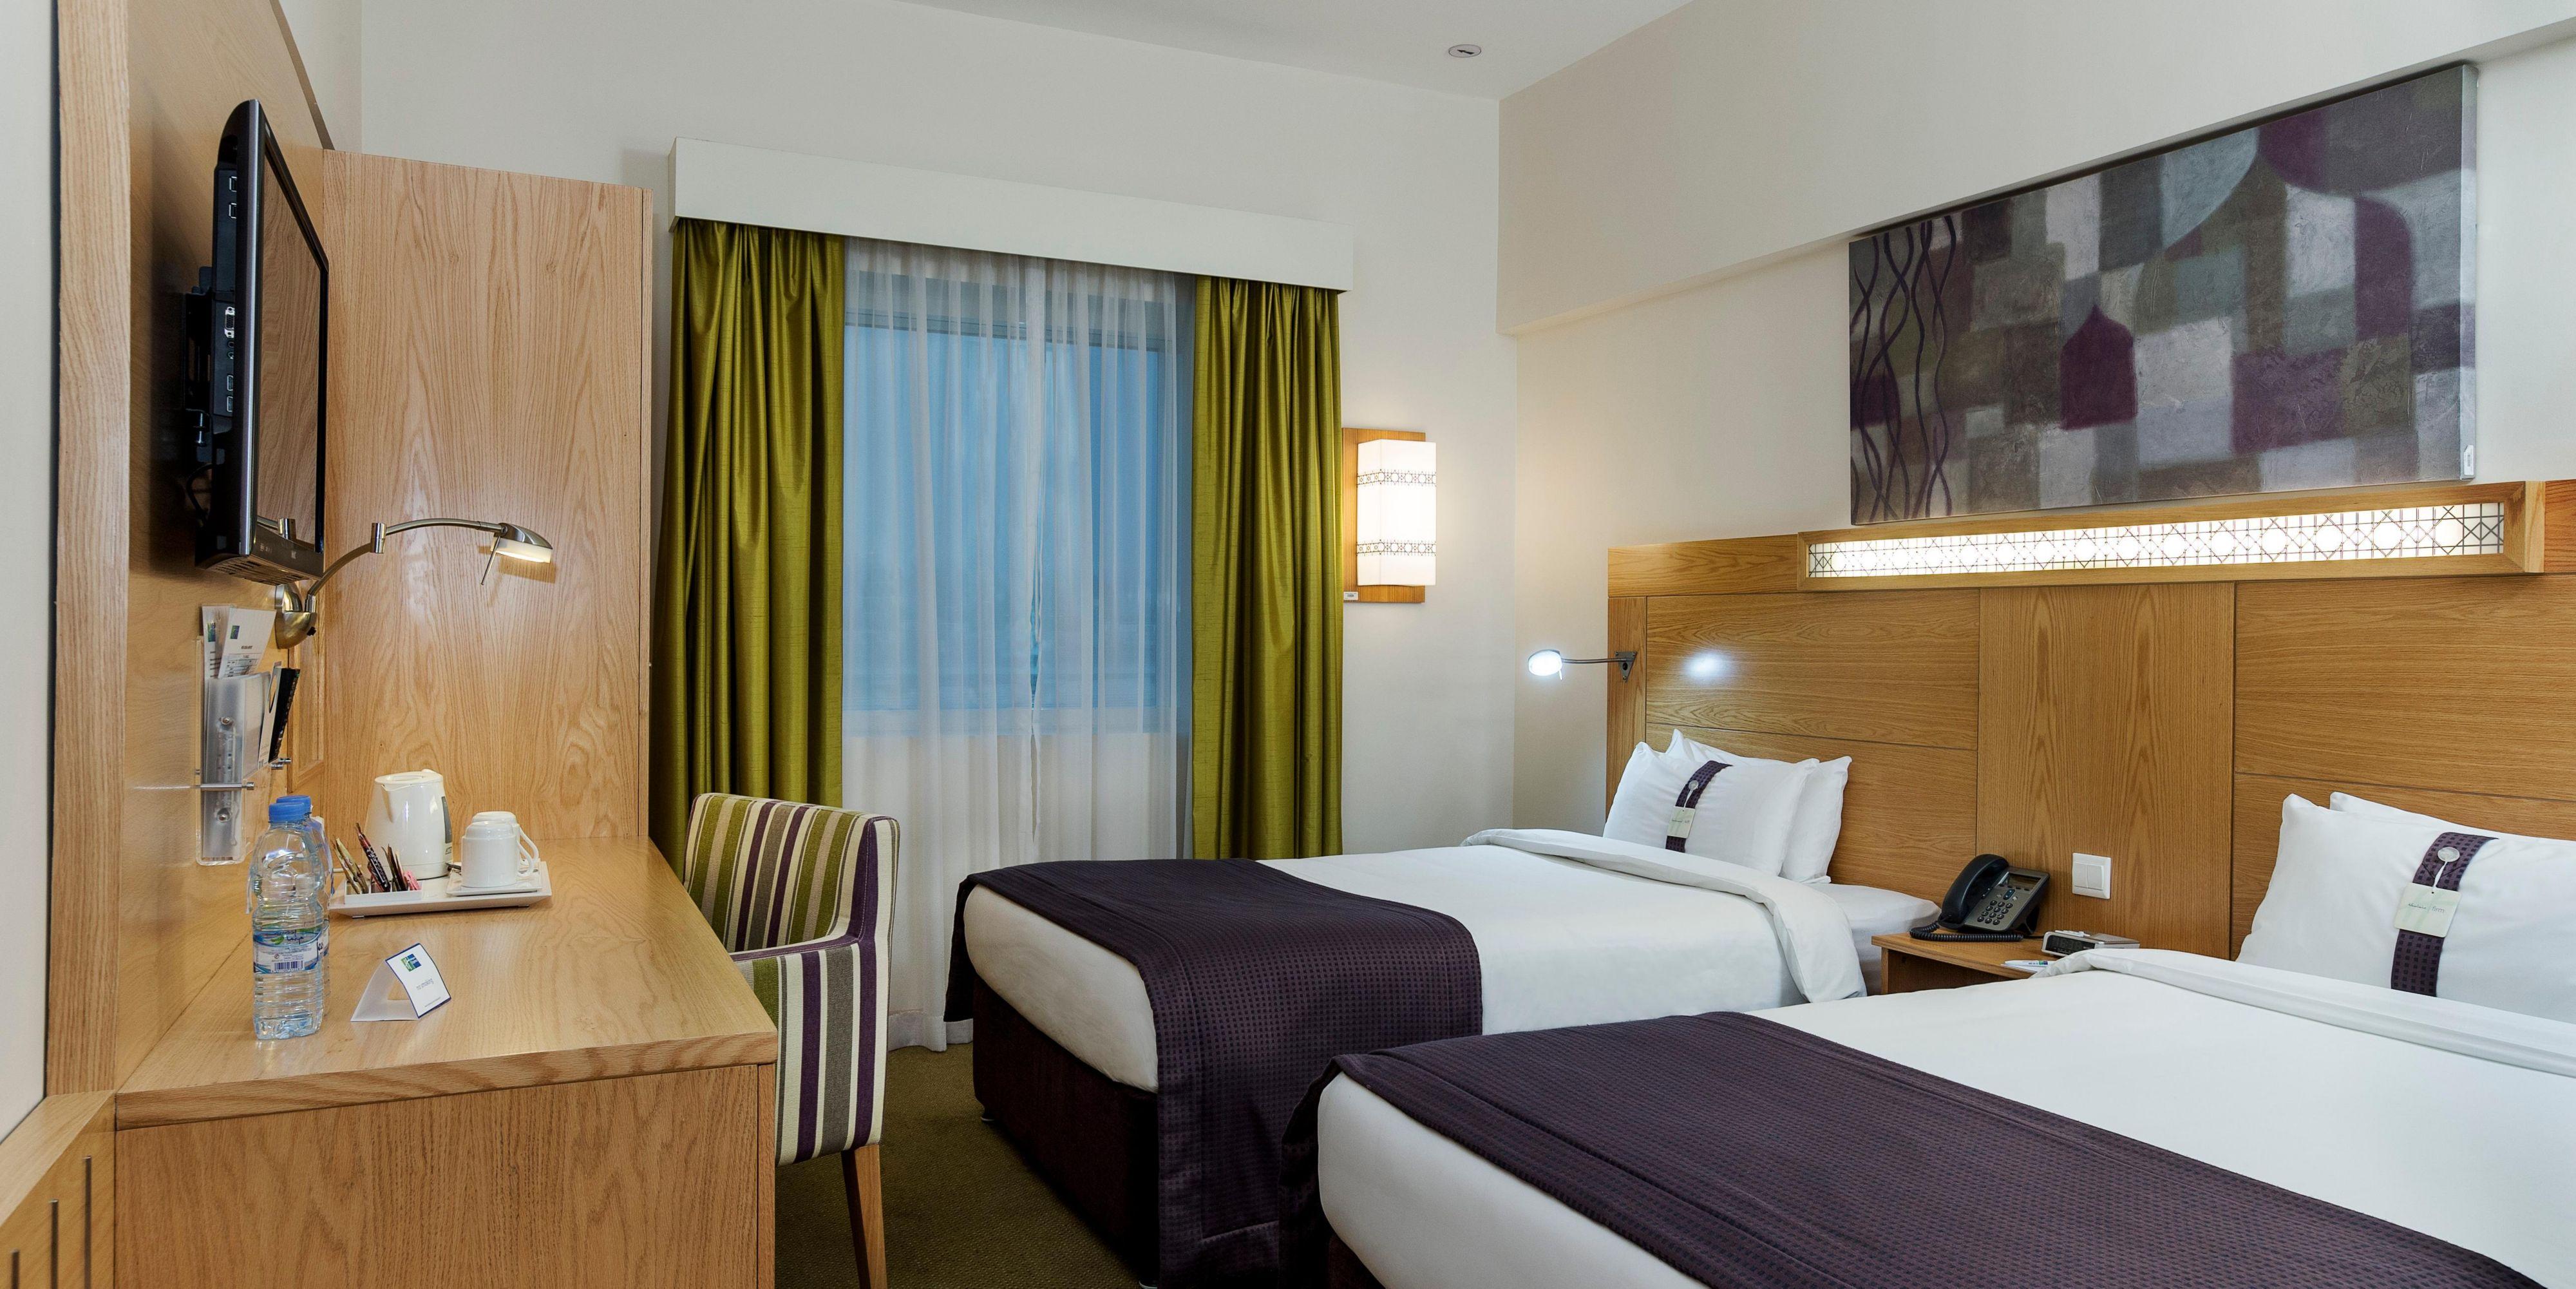 gnstige bartische finest amazing wunderschne regal fr kche shab chic regal canadas fr die kche. Black Bedroom Furniture Sets. Home Design Ideas